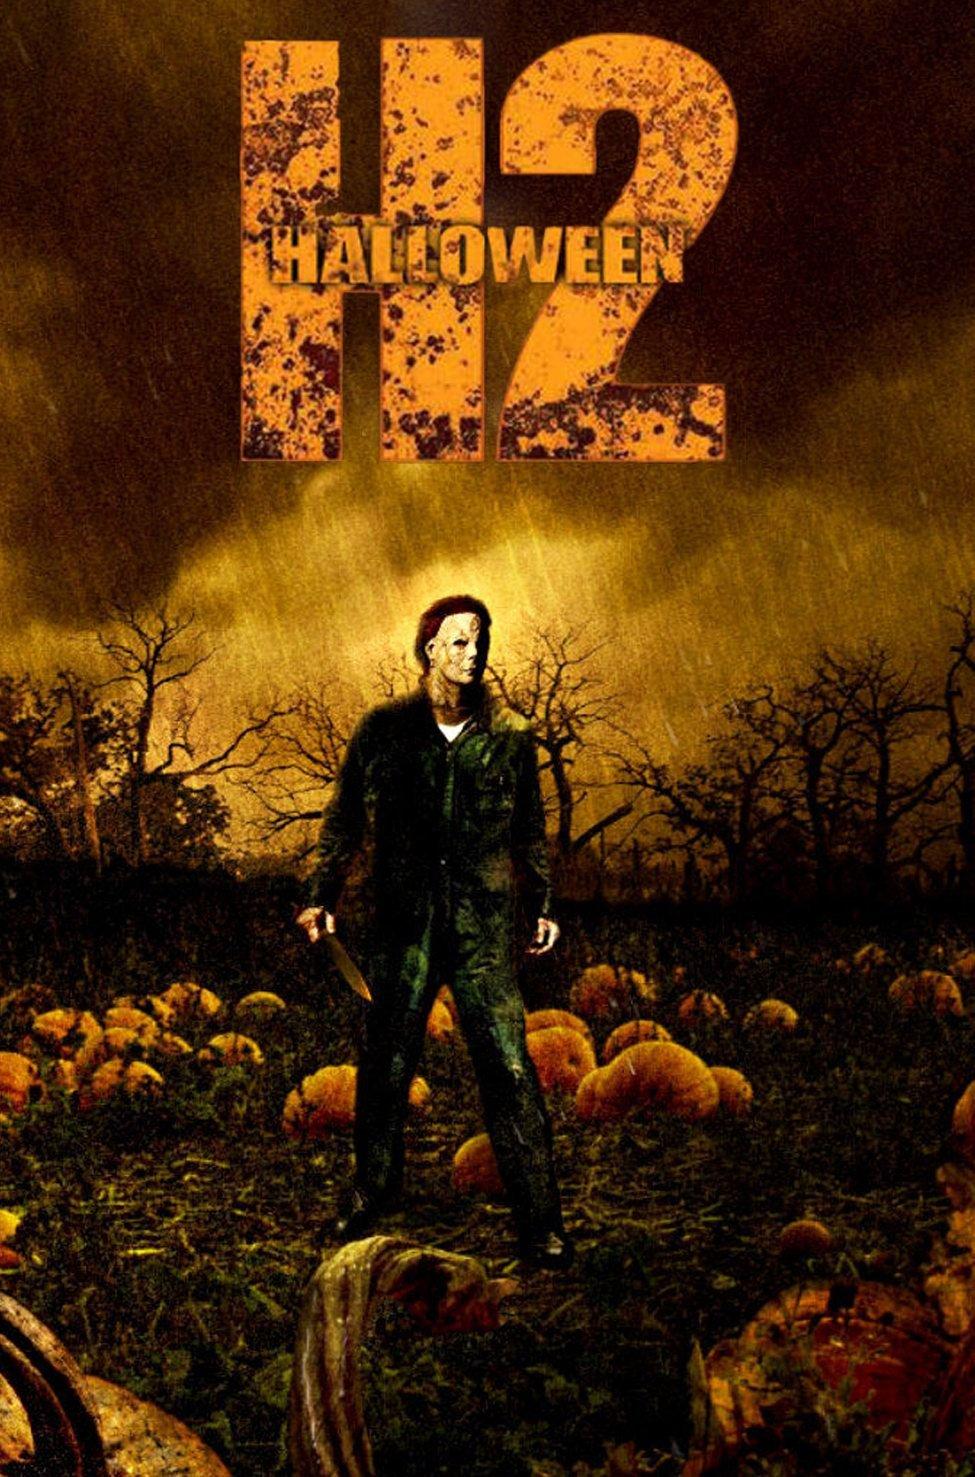 Halloween II (2009) poster - FreeMoviePosters.net